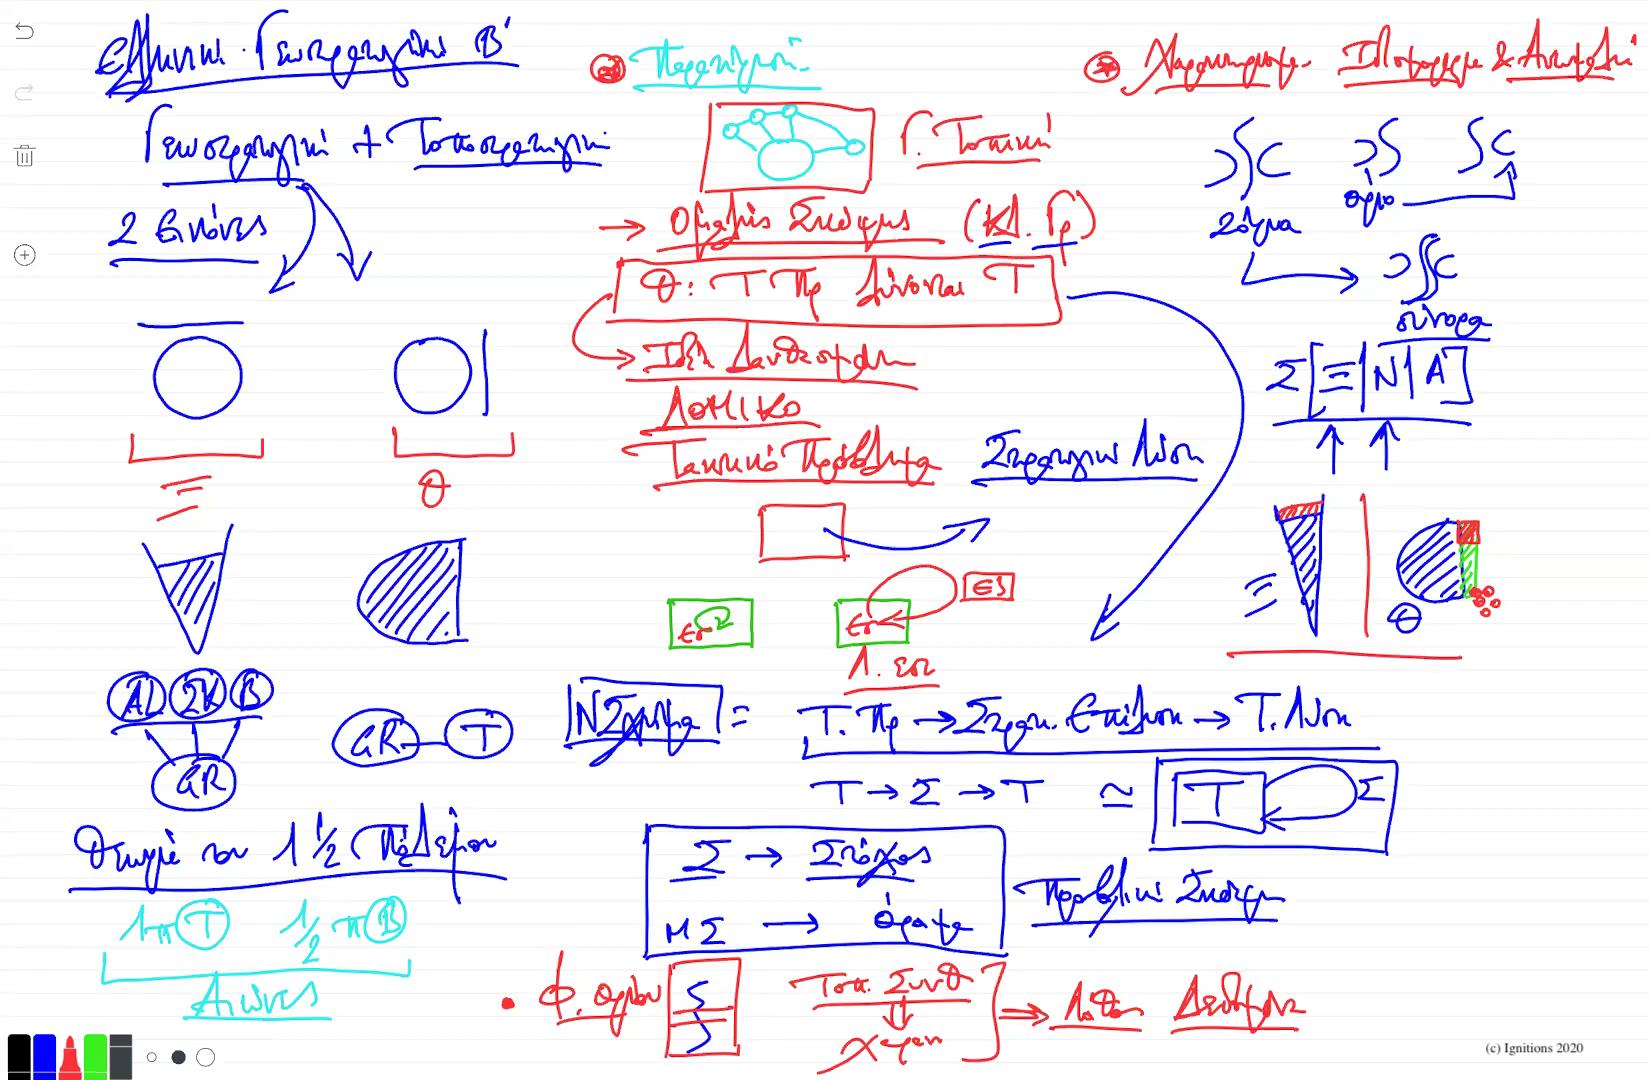 56457 - II - e-Διάλεξη: Ελληνική Γεωστρατηγική II. (Dessin)